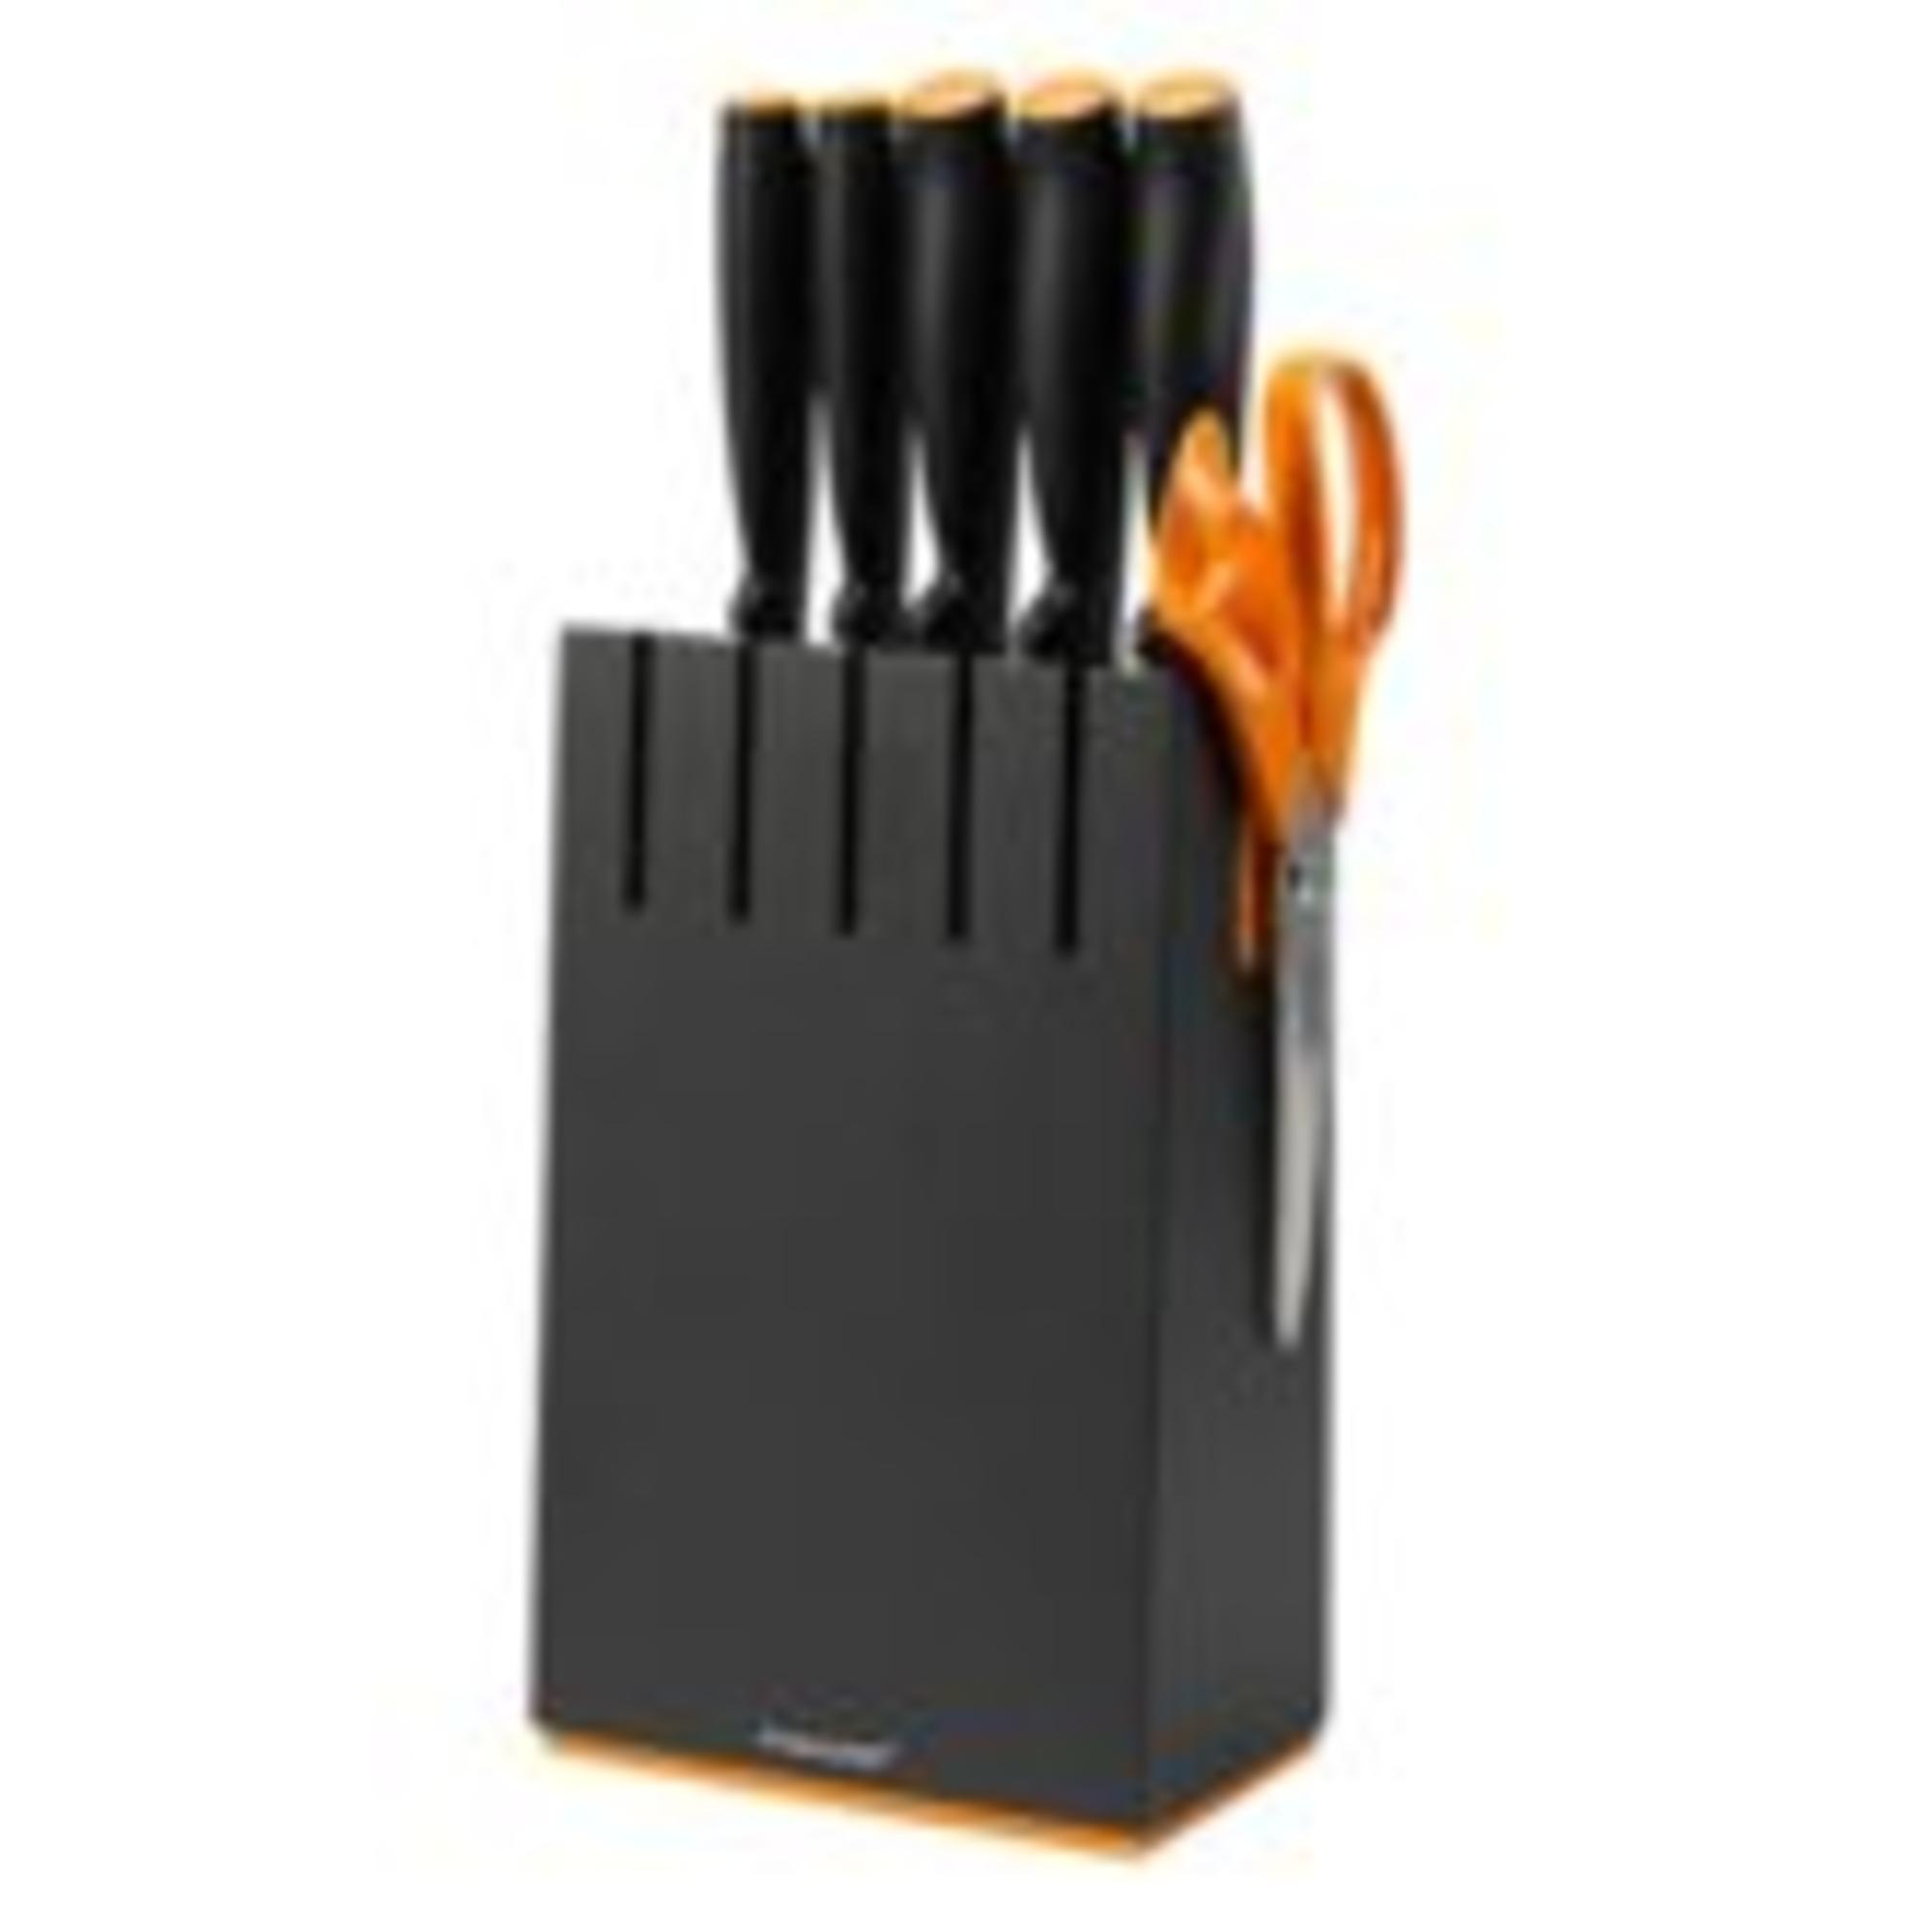 Fiskars Késblokk 5 db késsel, fekete - 1014190